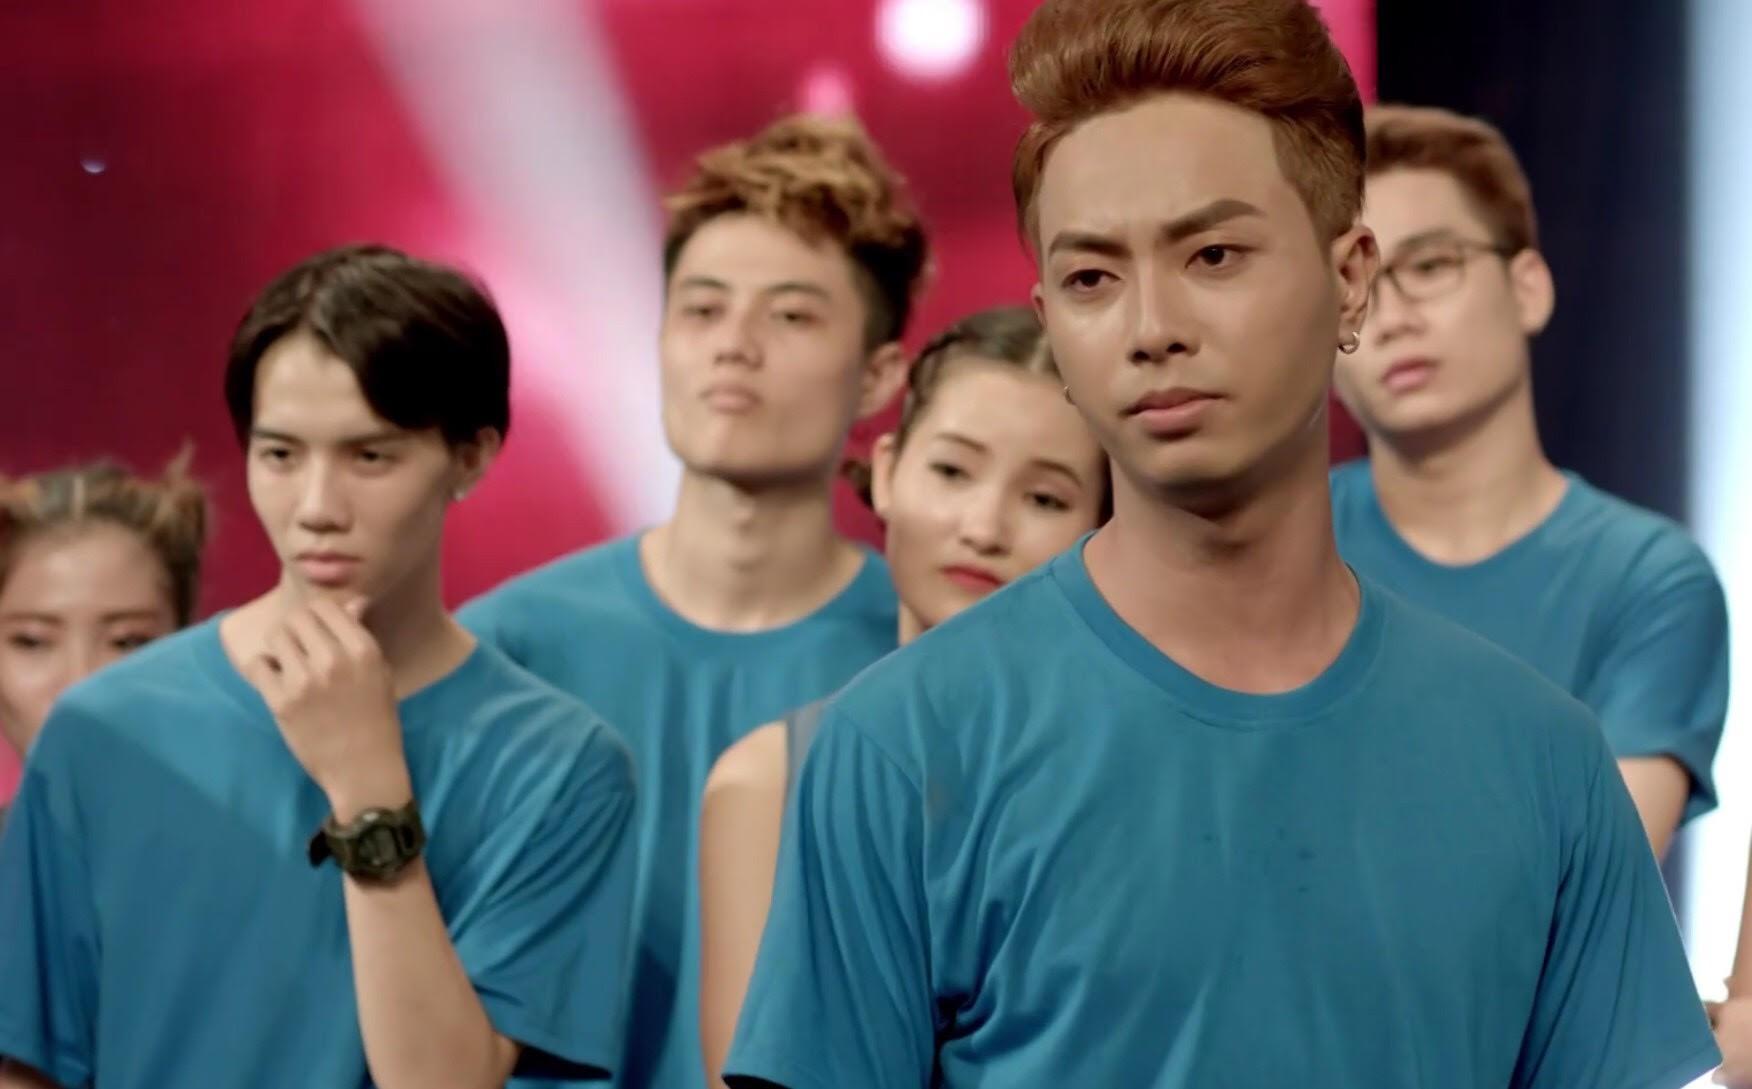 Glee Việt tập áp cuối: Để ủng hộ tinh thần Angela, toàn bộ nữ sinh của Glee đồng loạt mang bầu! - Ảnh 1.